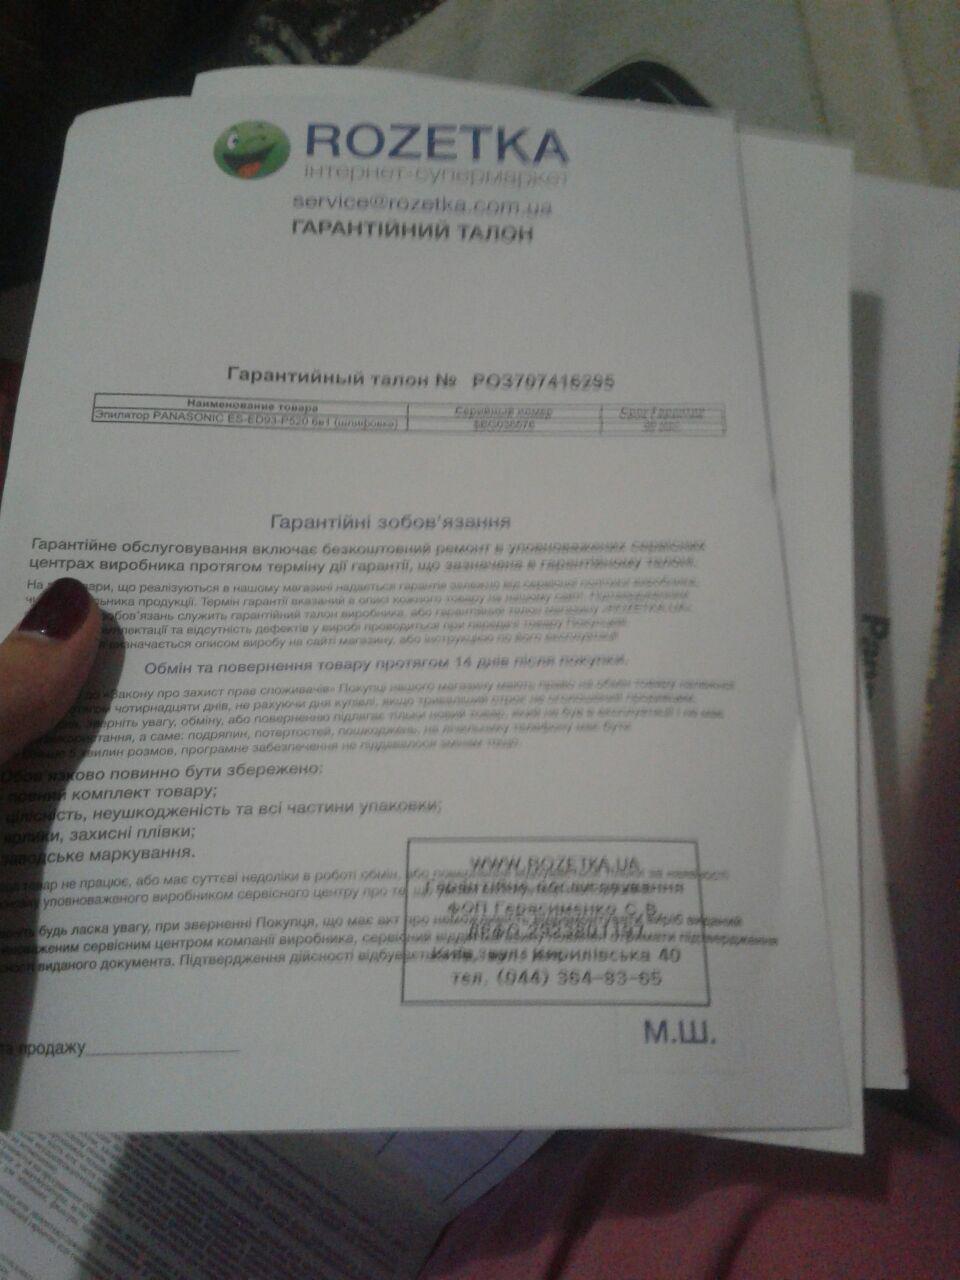 Розетка - интернет-магазин (rozetka.ua) - Ужасный магазин